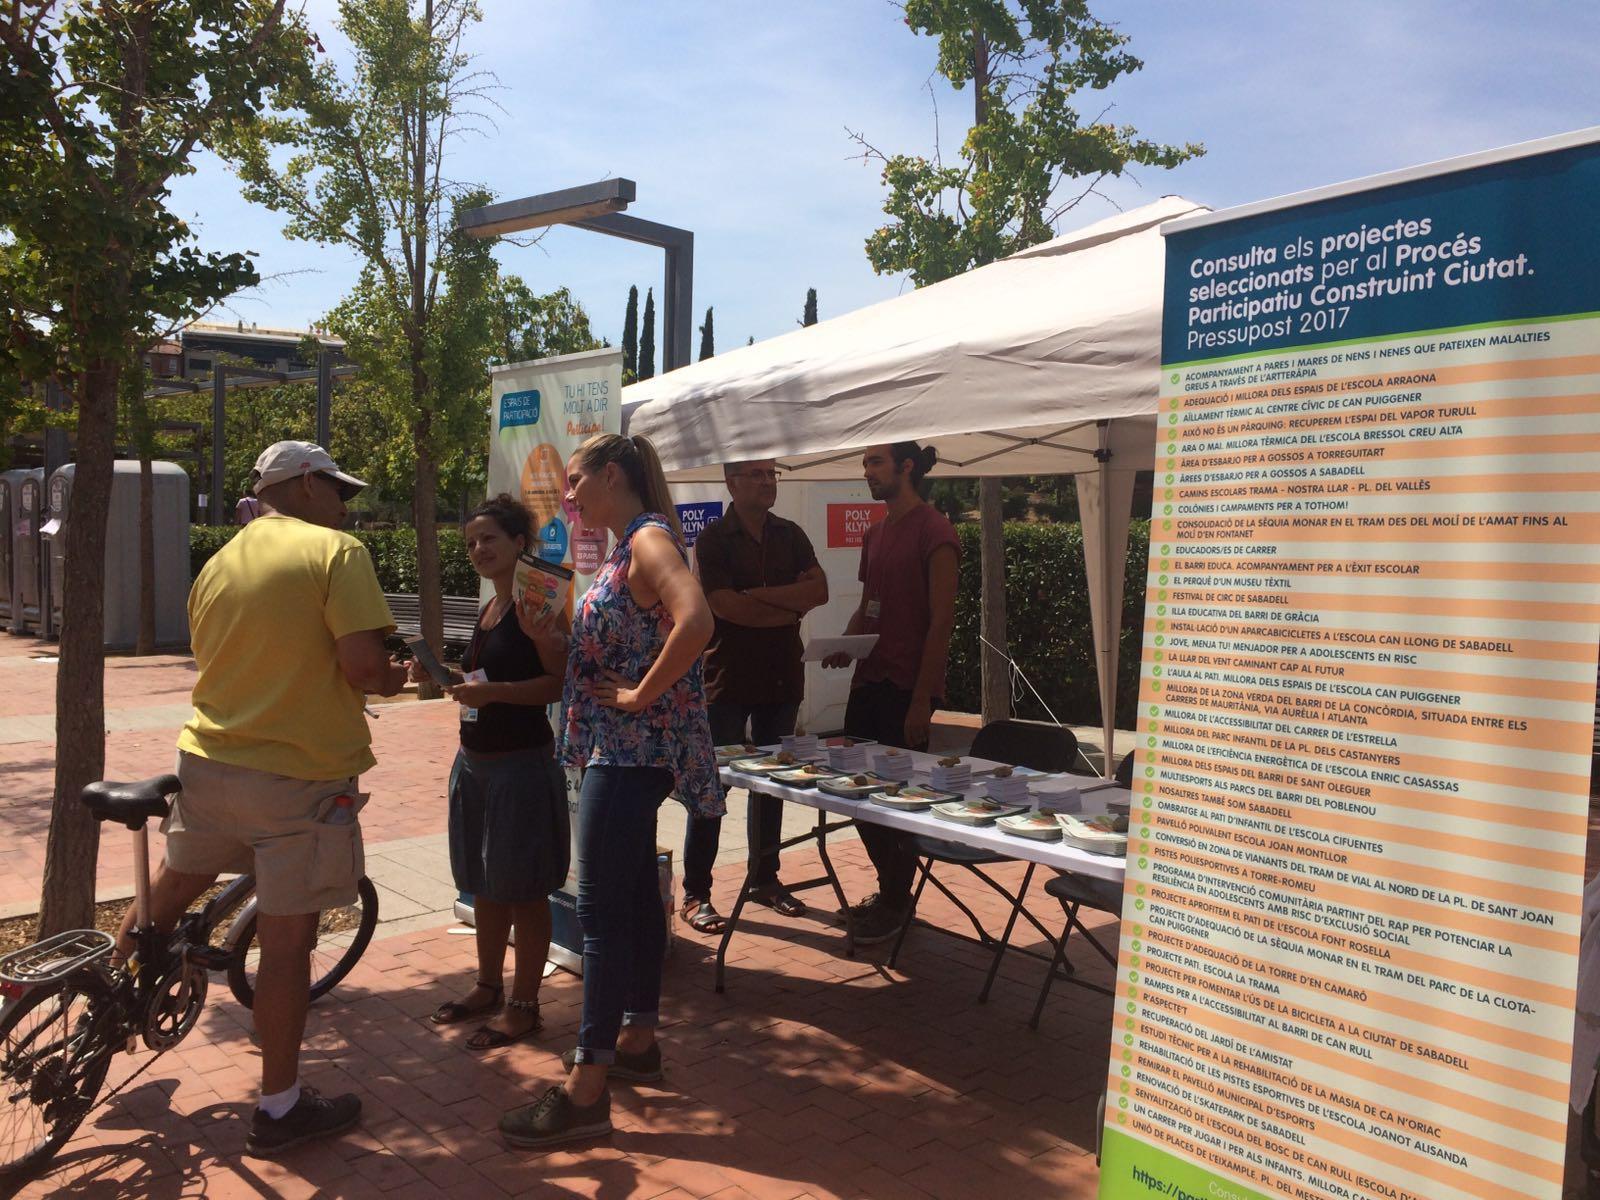 Pressupost Participatiu 2017 De L'Ajuntament De Sabadell